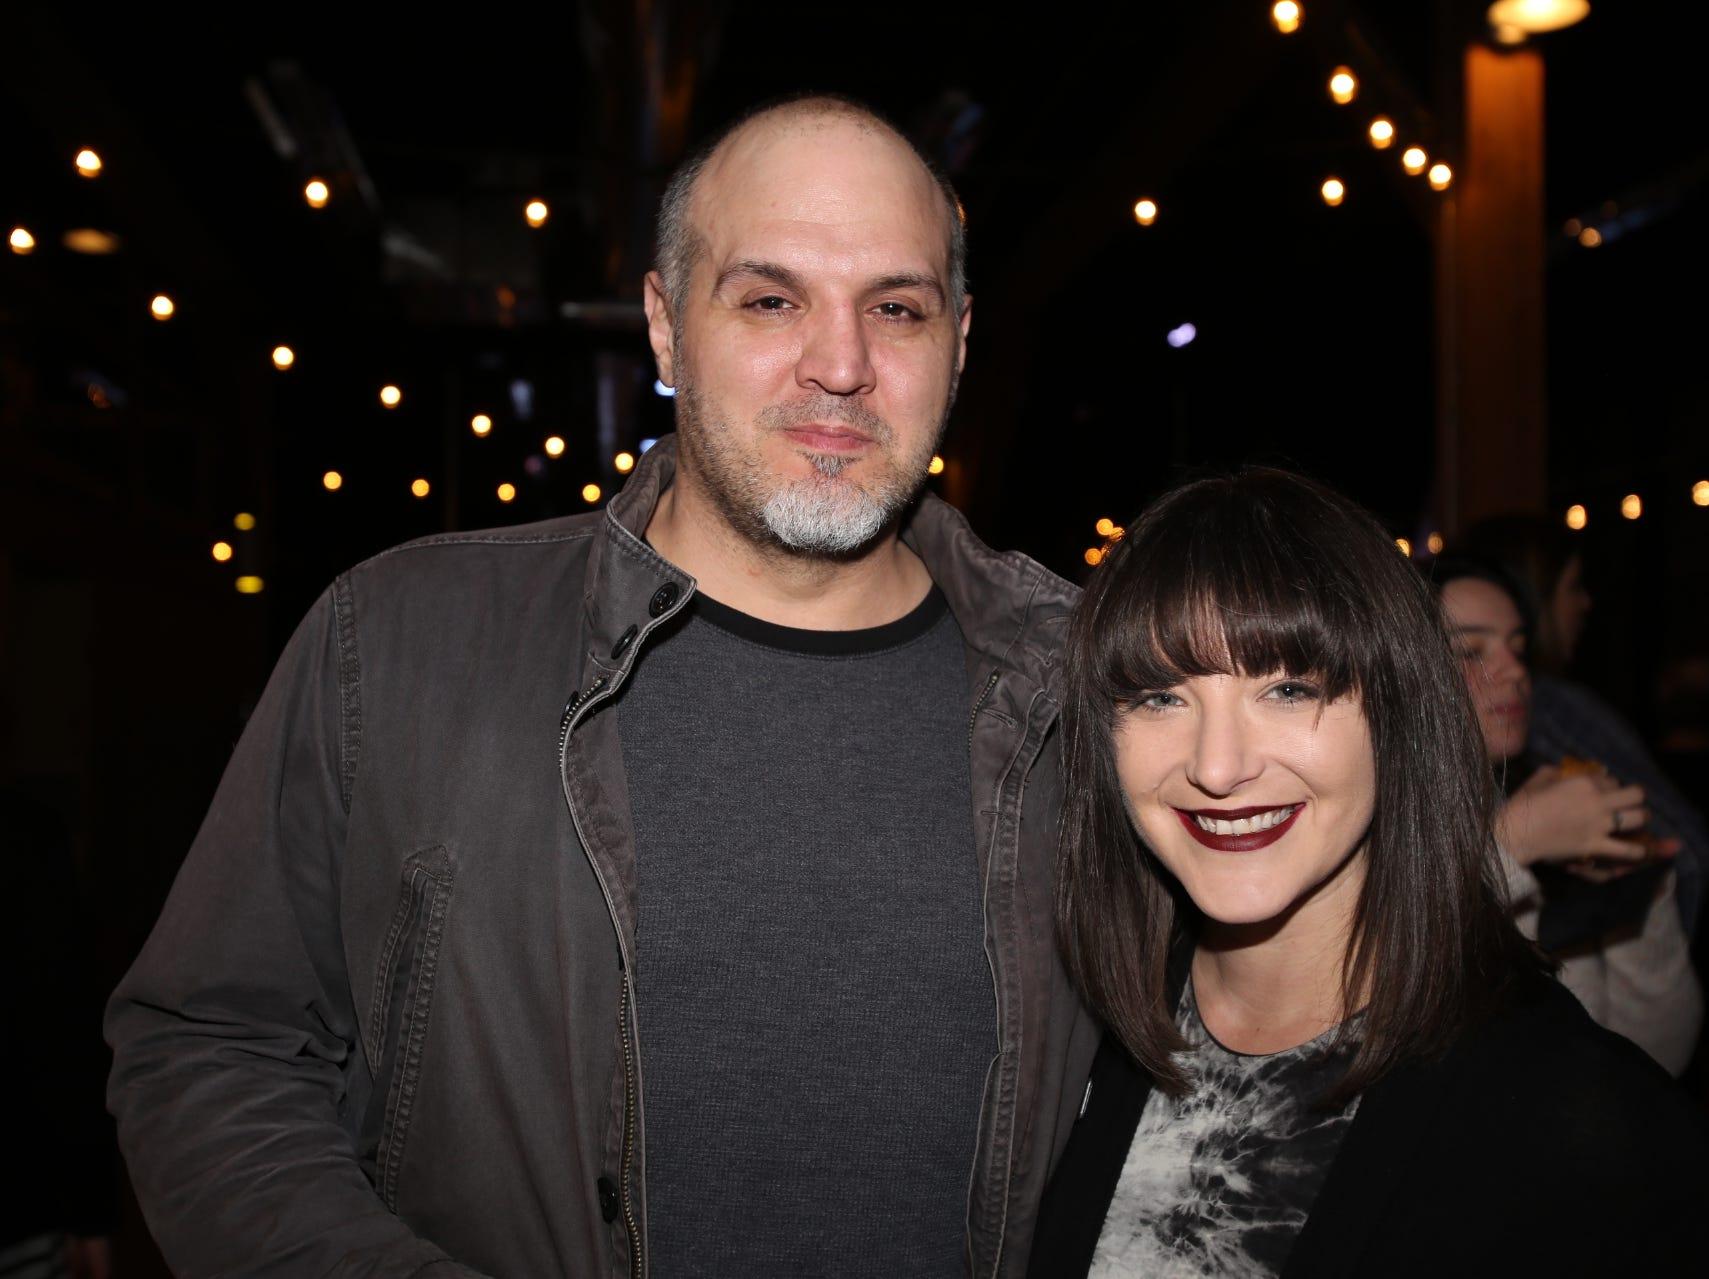 John Tsahiridis and Tessa LeRoy